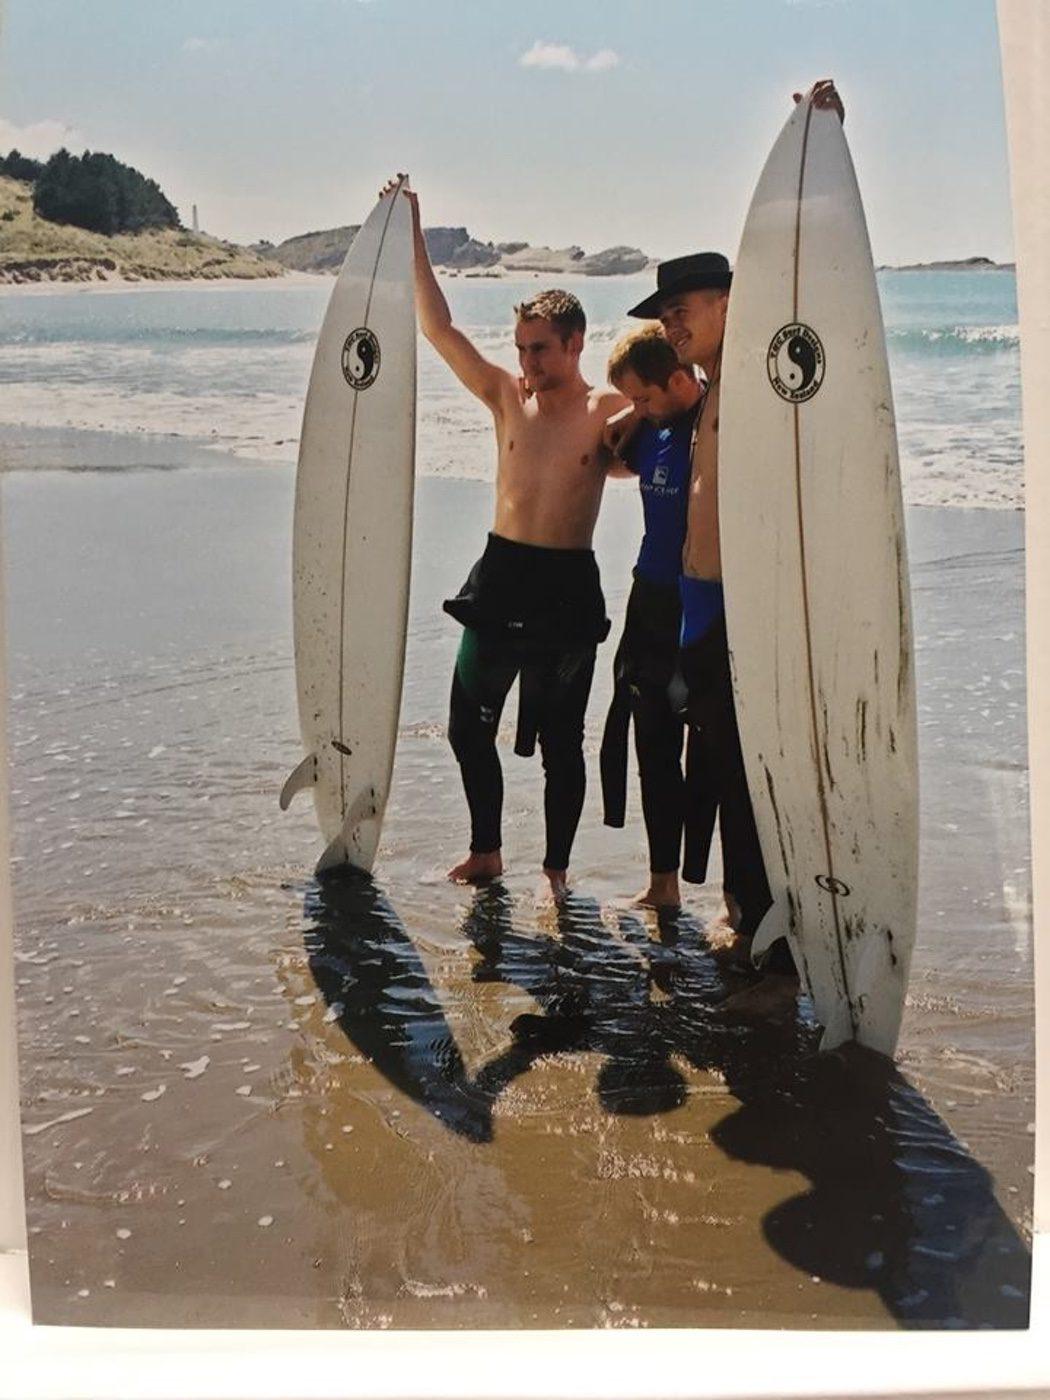 El reparto aprovecha una tarde de surf